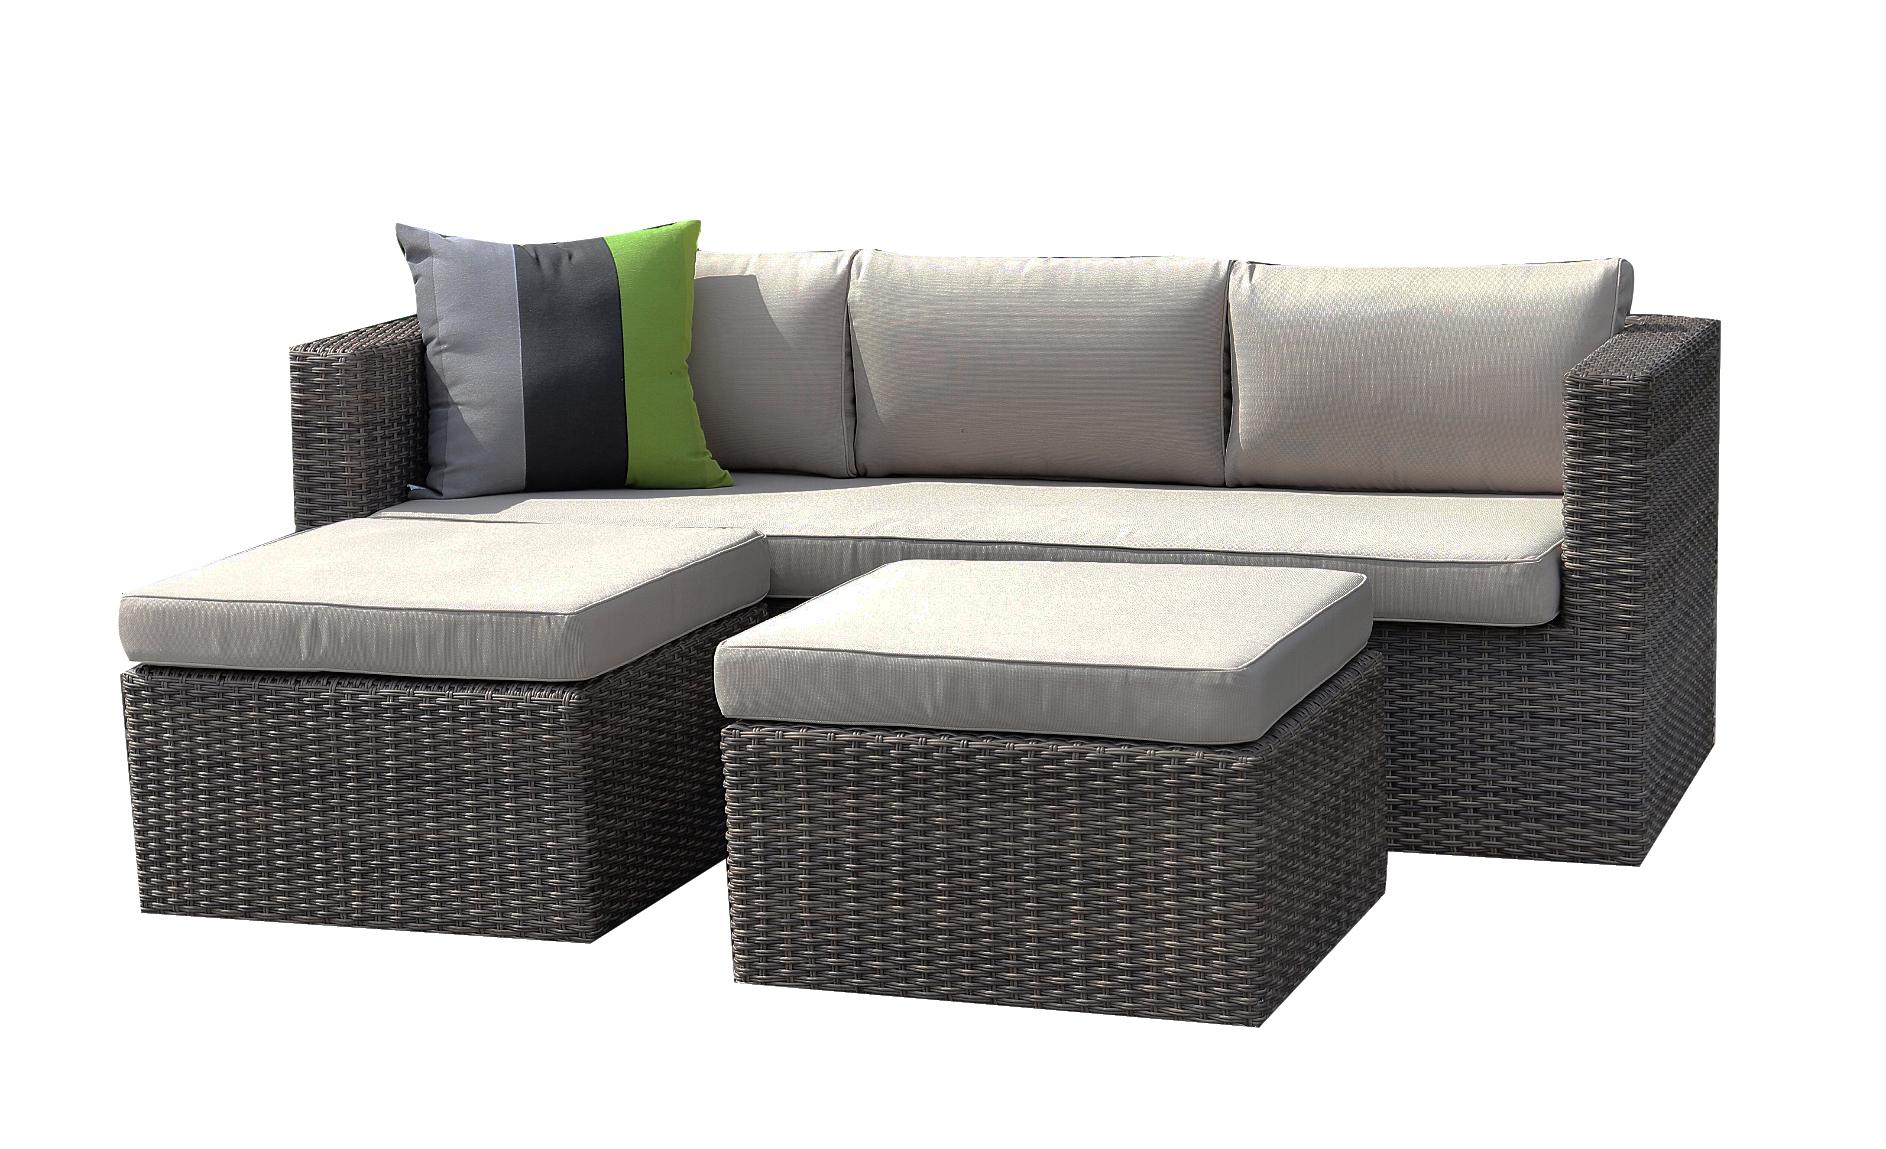 Bari-Lounge-Set - Billige Gartenmöbel - Gute Qualität